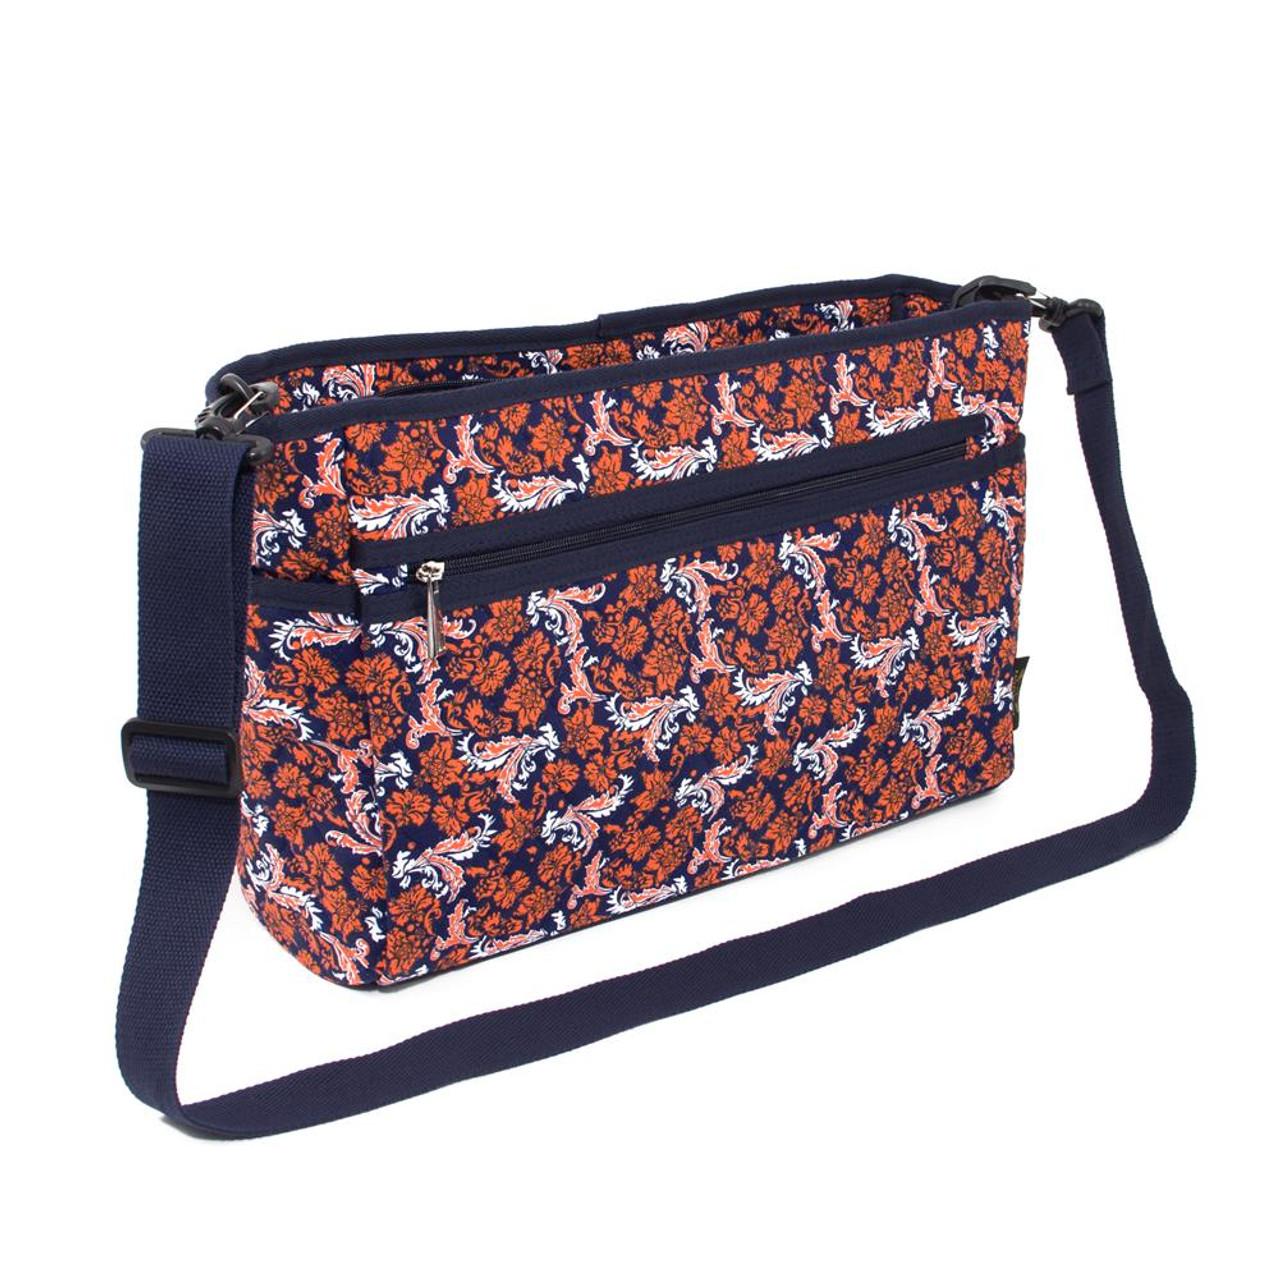 Auburn University Tigers Messenger Bag Quilted Bloom Shoulder Tote